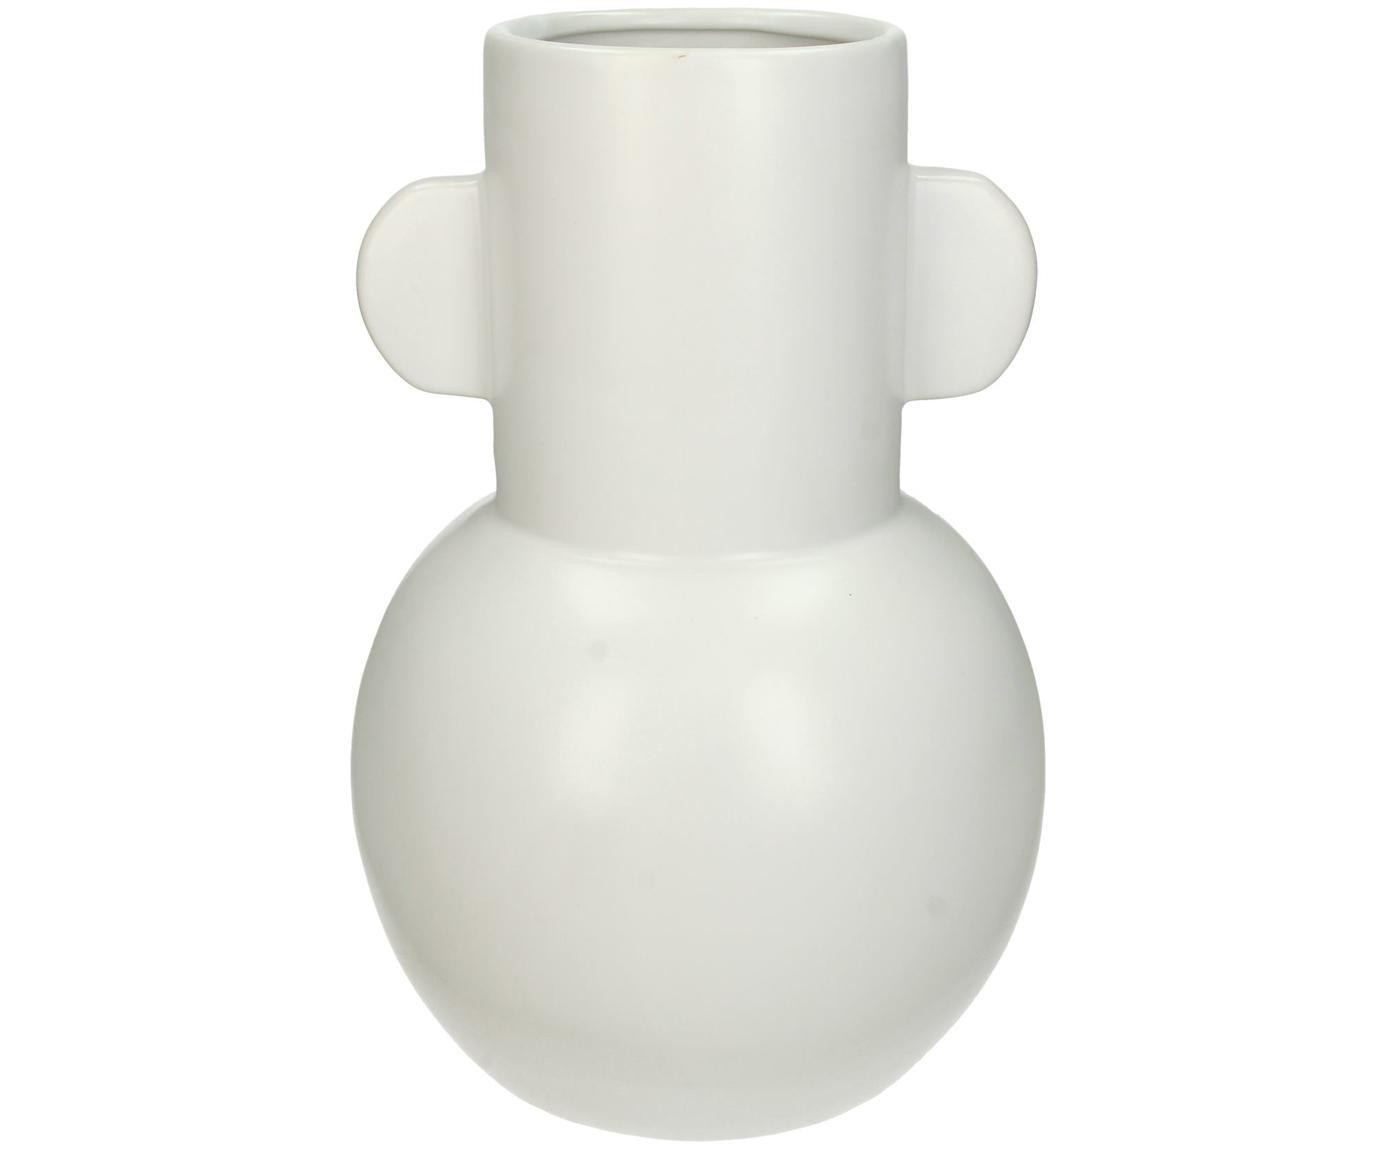 Moderne Vase Amola aus Steingut, Steingut, Weiß, Ø 17 x H 26 cm